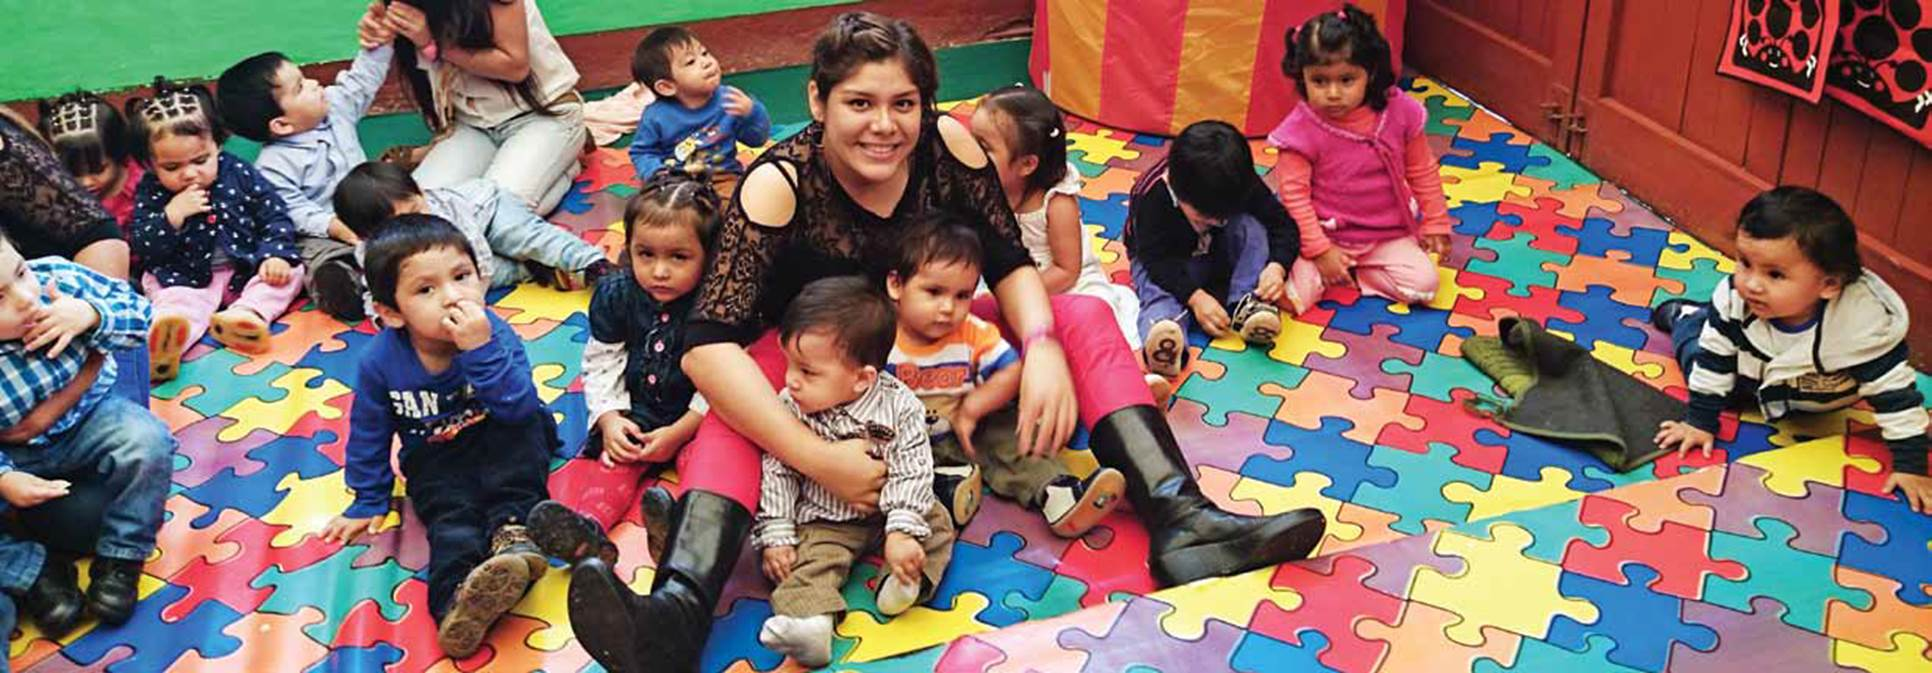 Guarder a petitones busca formar ni os independientes for Requisitos para abrir una guarderia